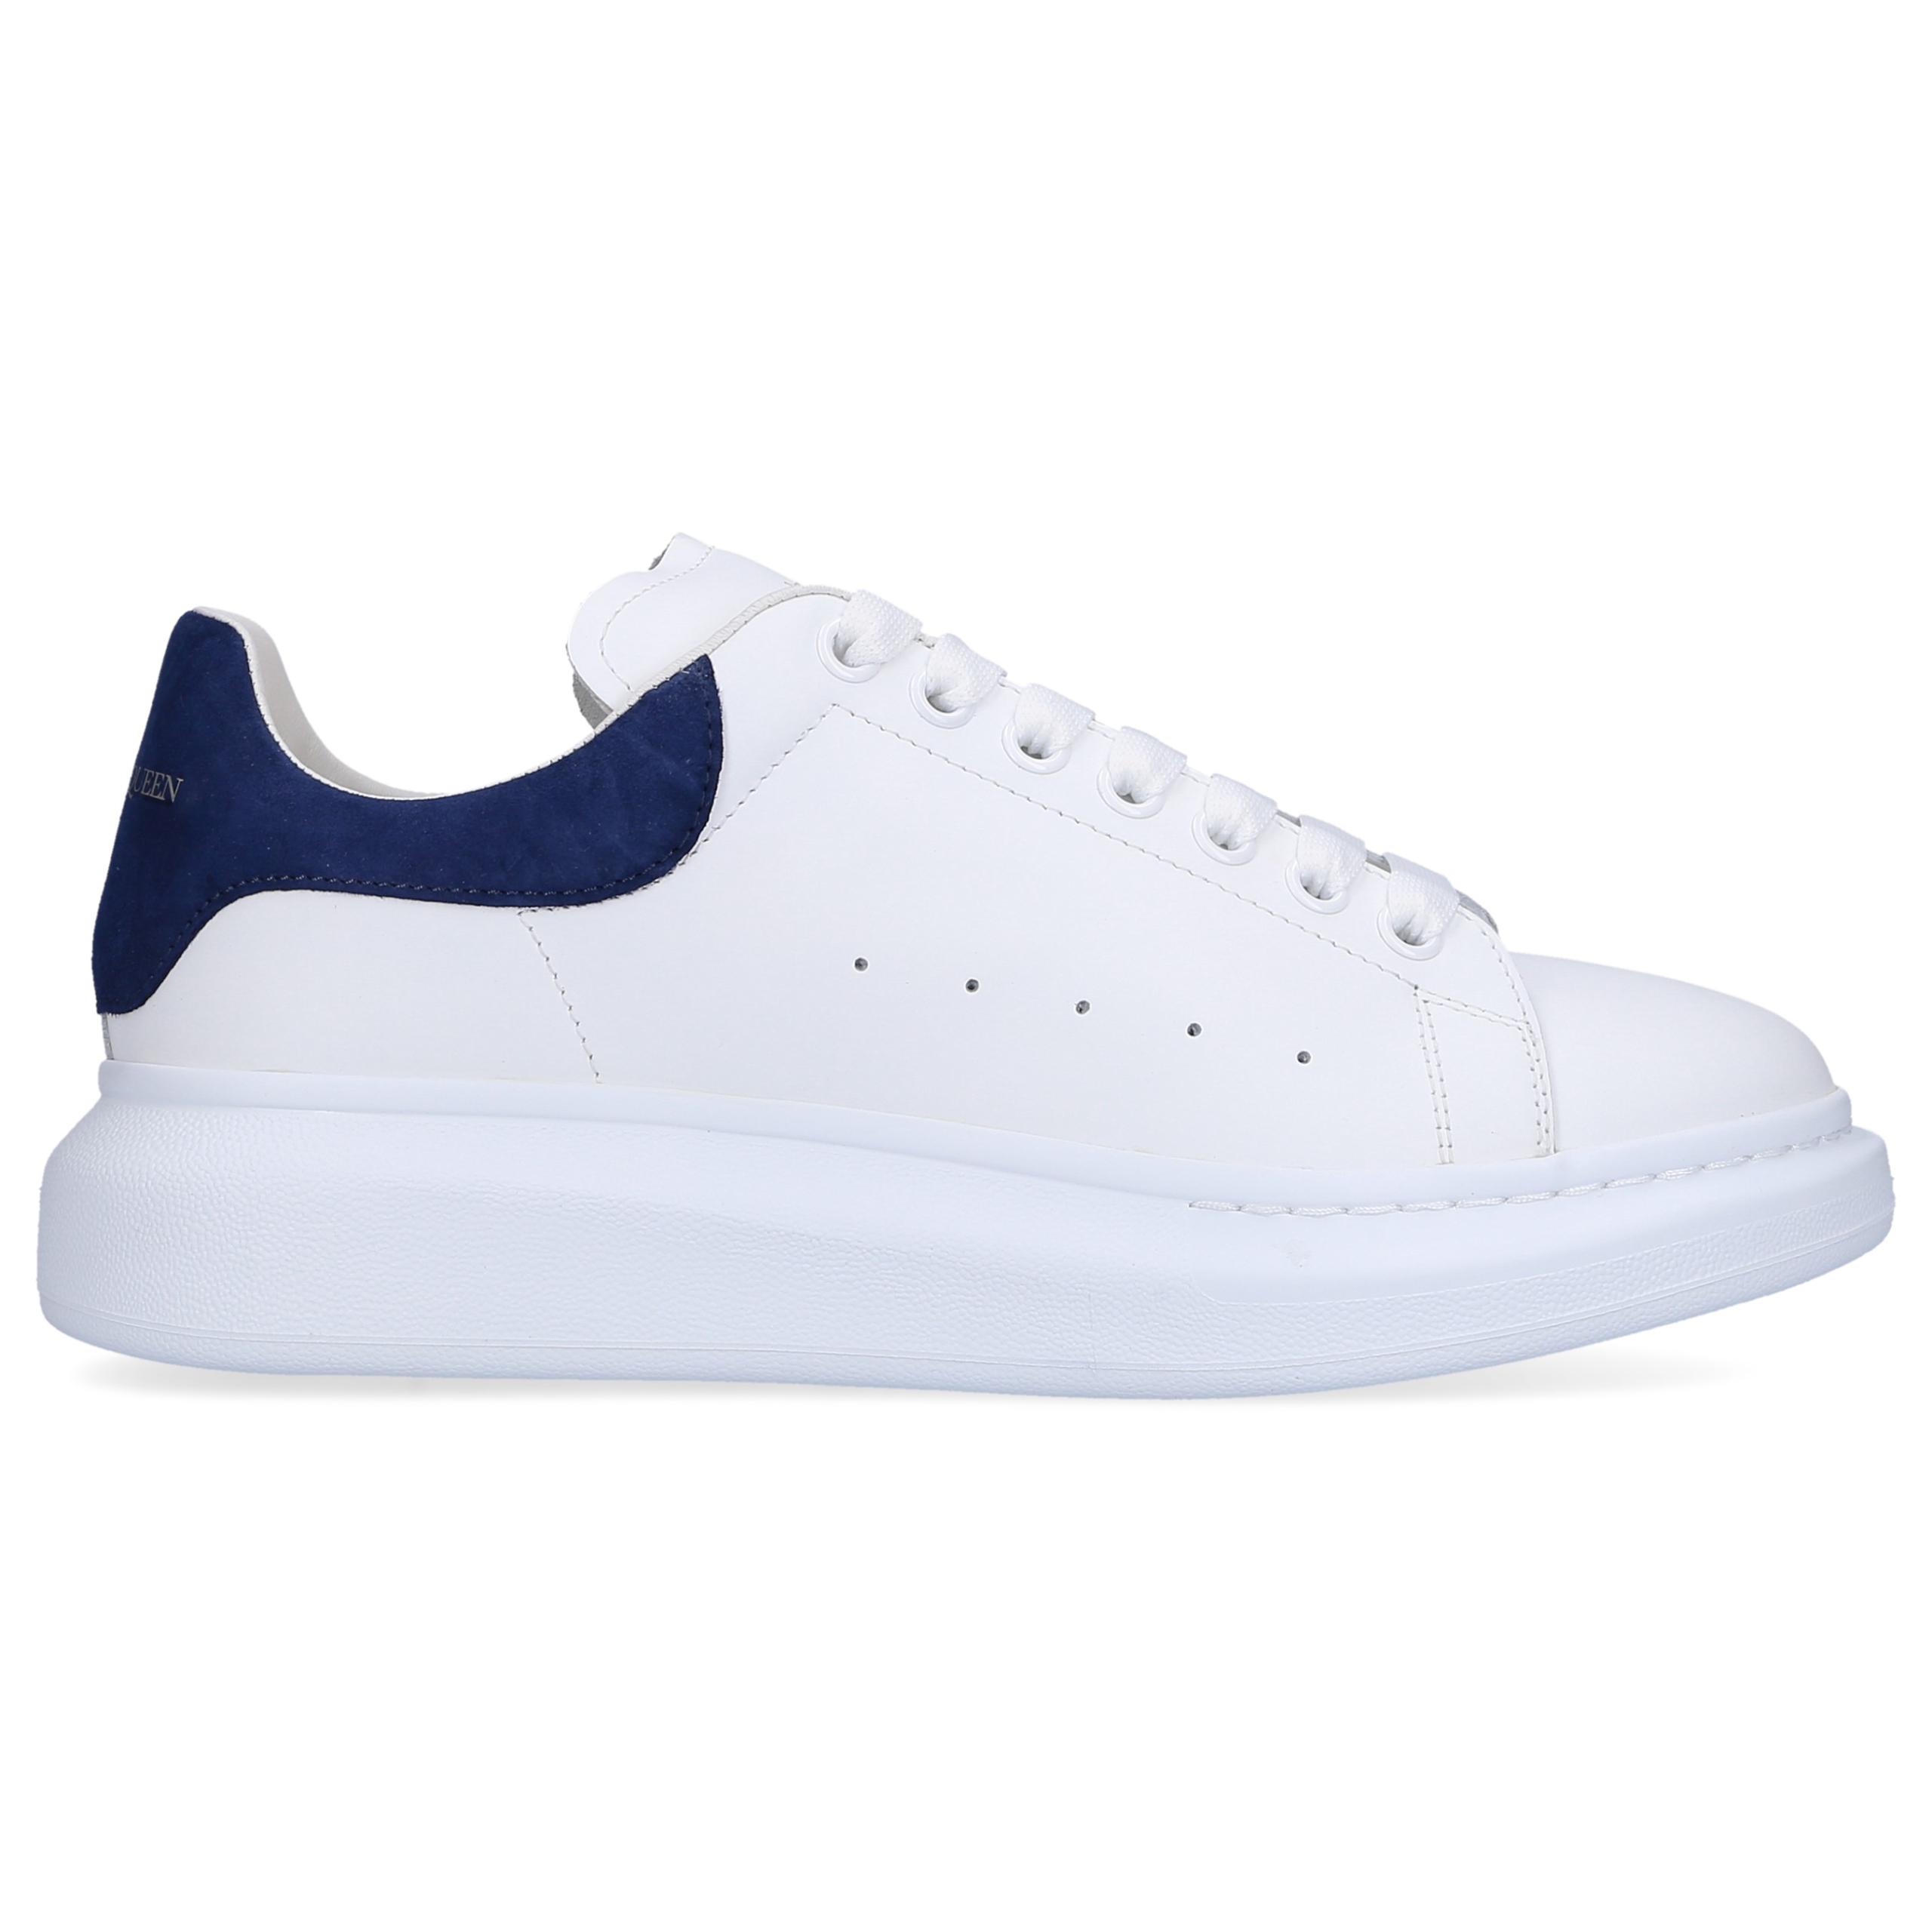 Sneaker low LARRY Kalbsleder blau weiß